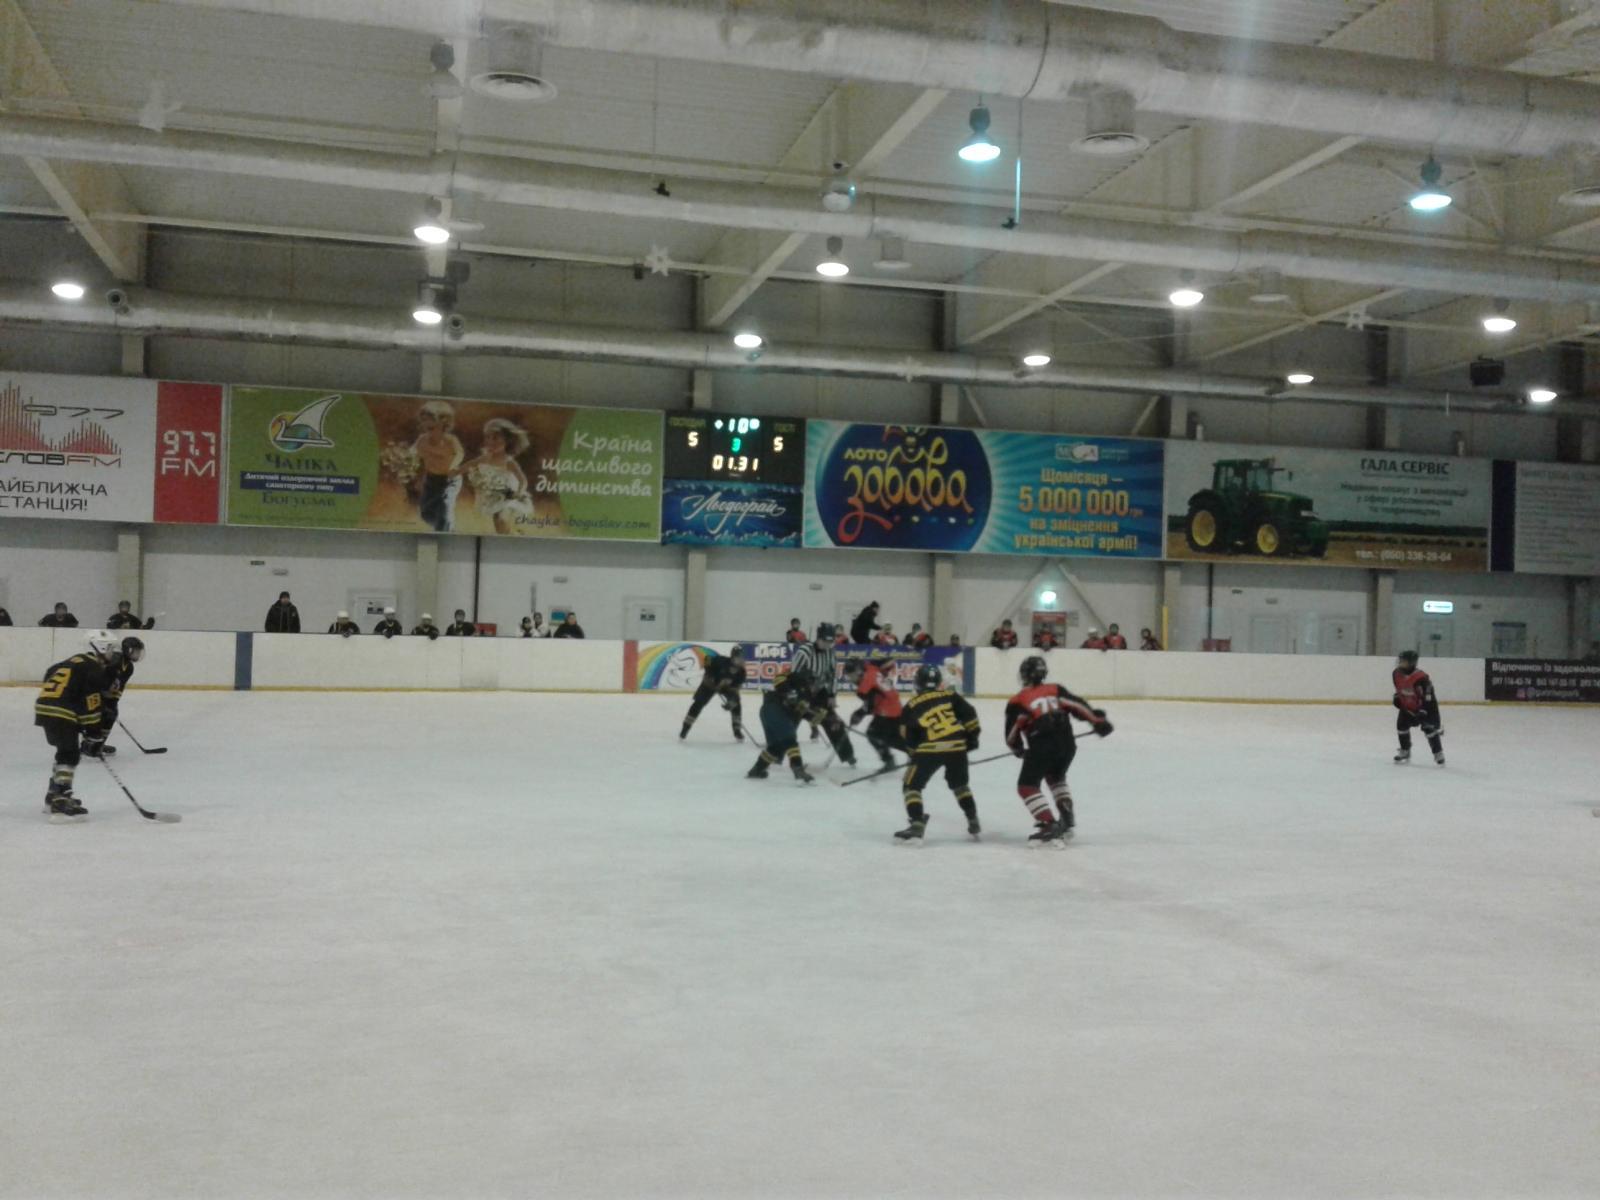 Міжрегіональна дитяча хокейна ліга України, Льодограй. Фото